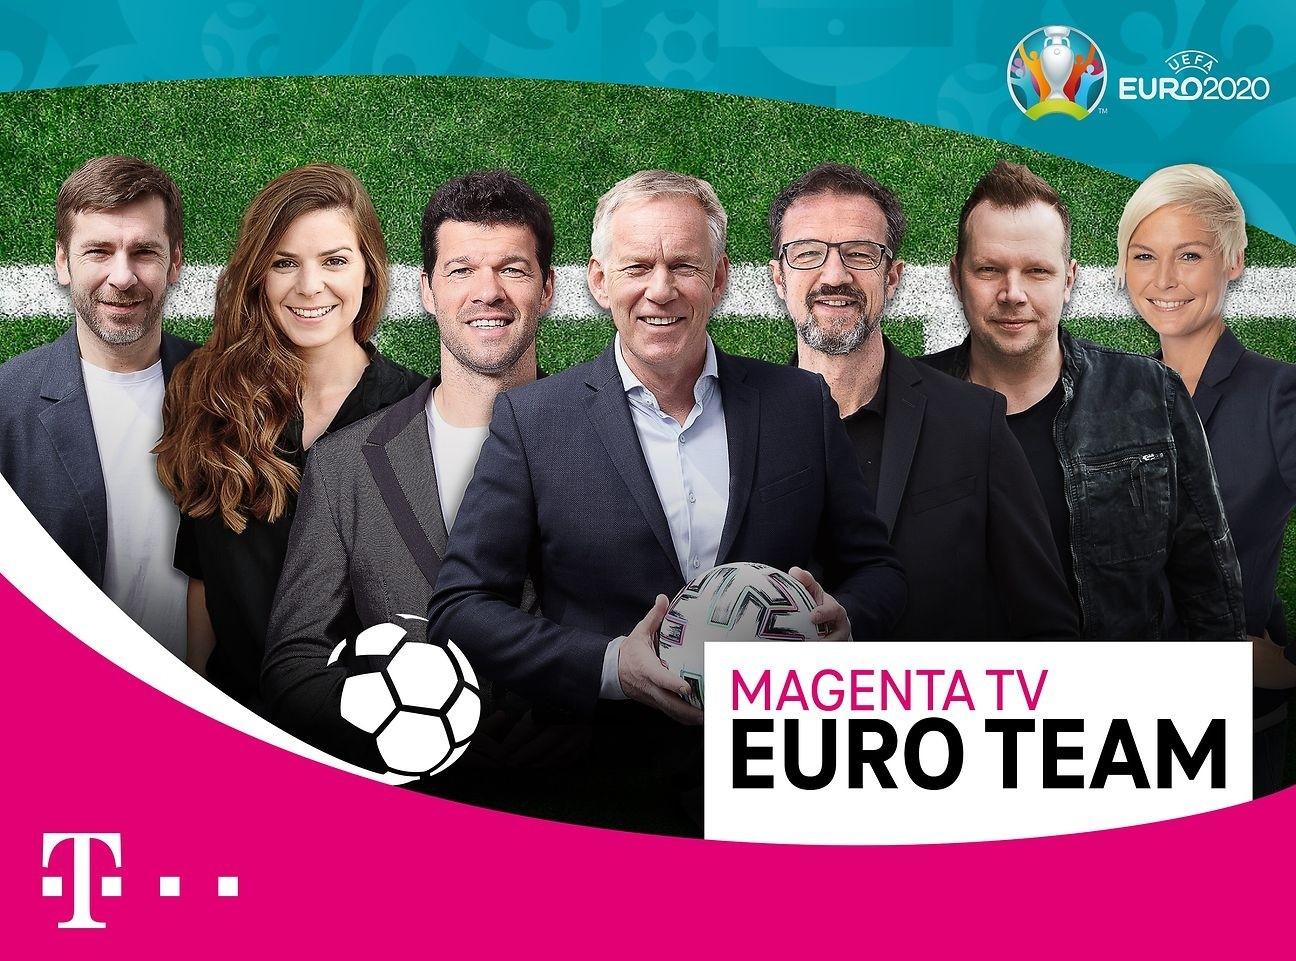 TV Fußball-EM startet: Alle 51 Spiele in Ultra-HD bei MagentaTV - Bis zu 10 Stunden täglich - News, Bild 1